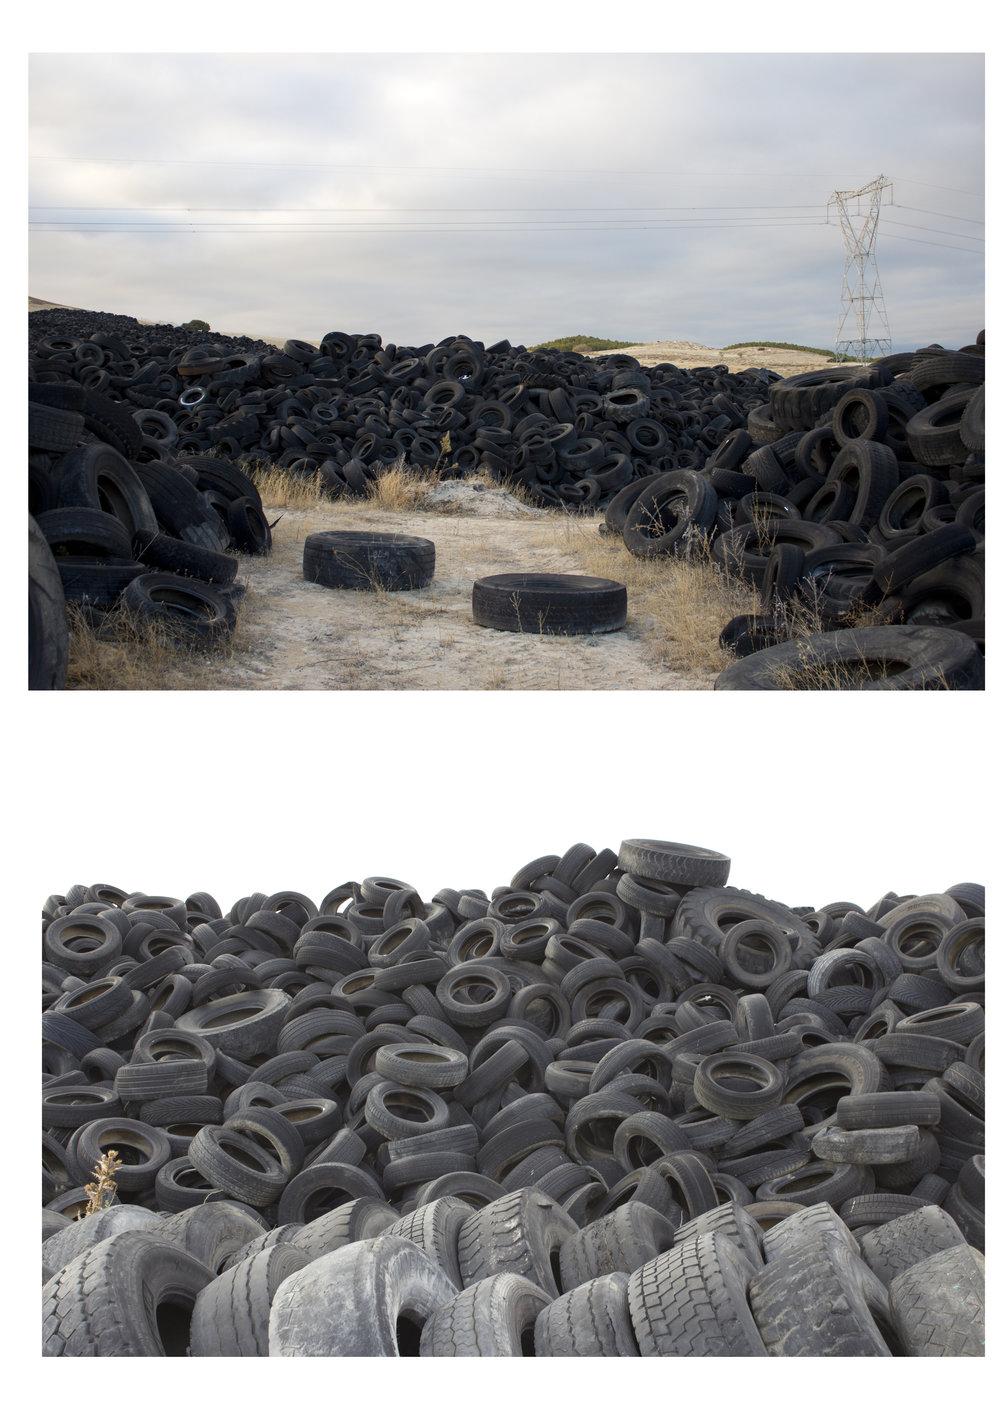 Ecosistema neumático. Fotomontaje. 2015